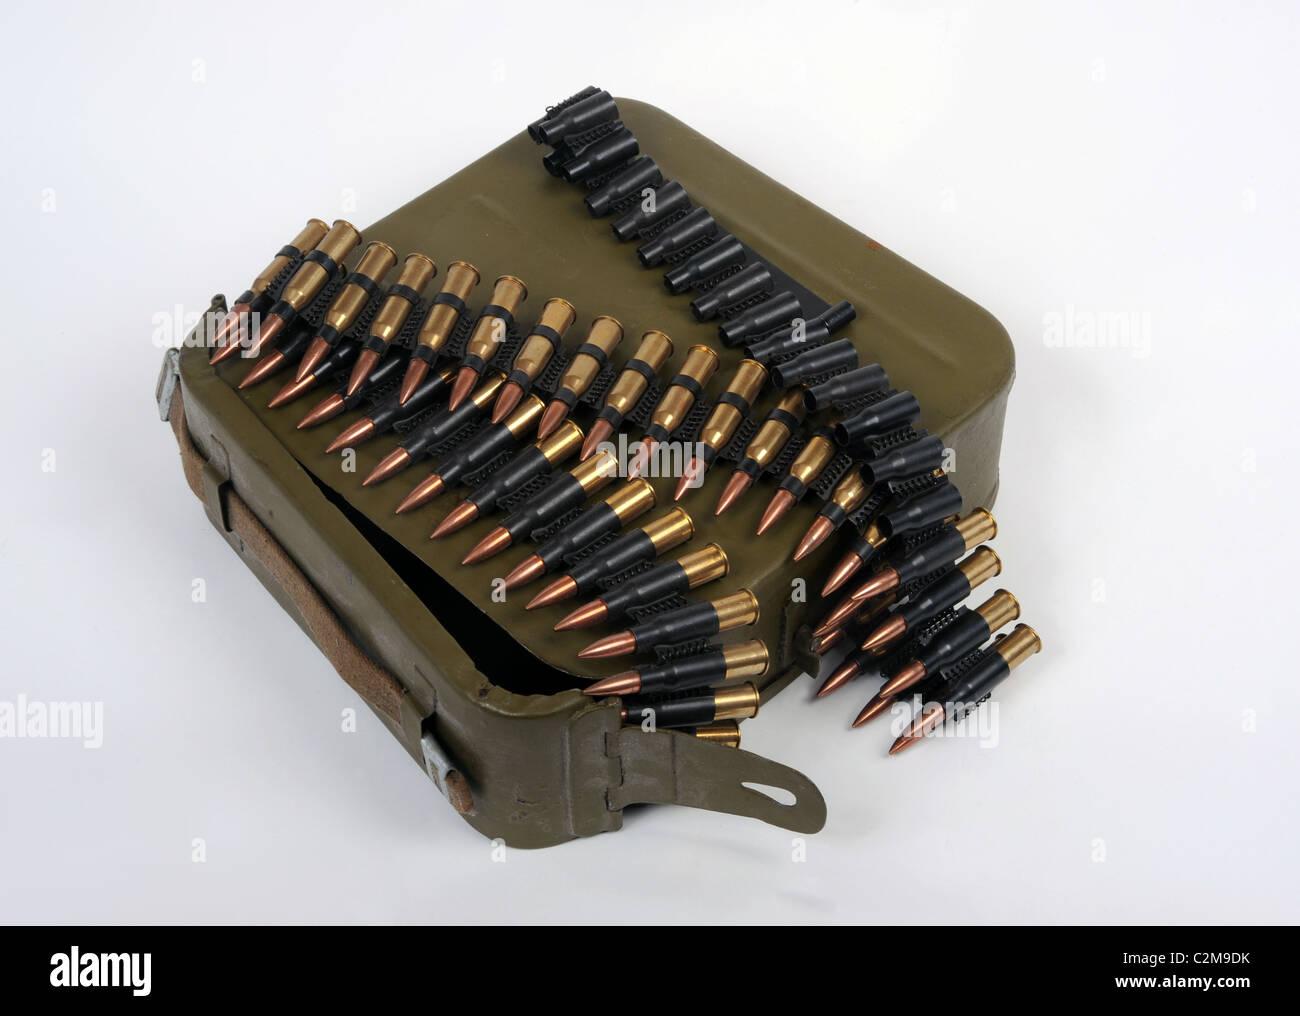 Russian Mm Belt Fed Machine Gun Ammunition C M Dk